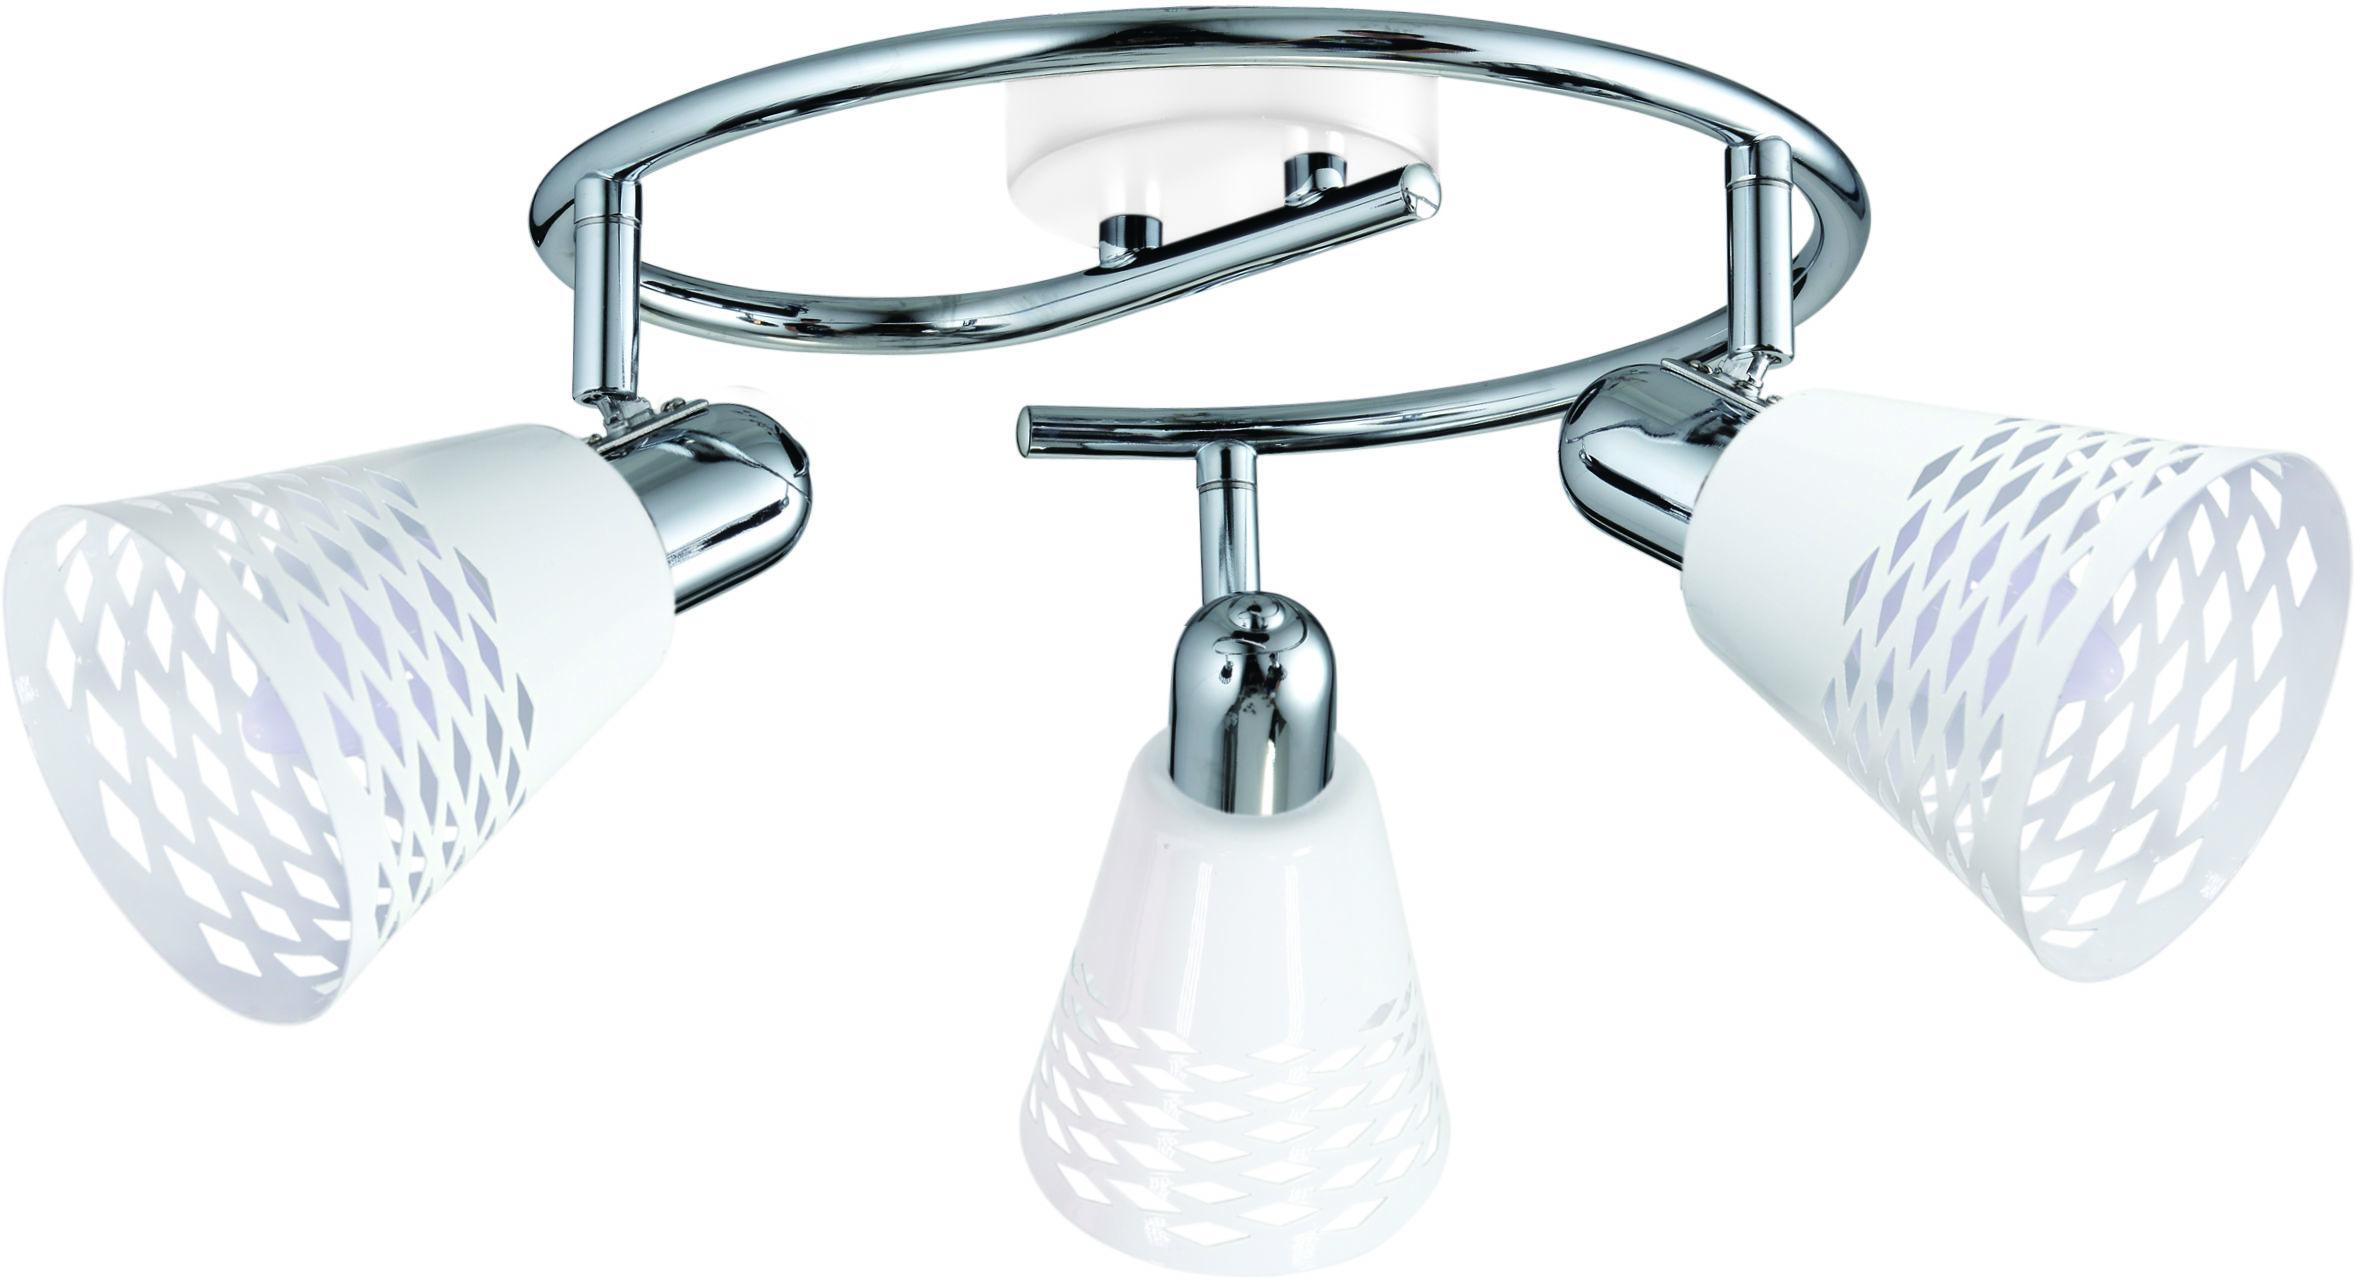 Candellux DISCOVERY 98-62185 plafon lampa sufitowa spirala metalowy klosz 3X40W E14 50cm